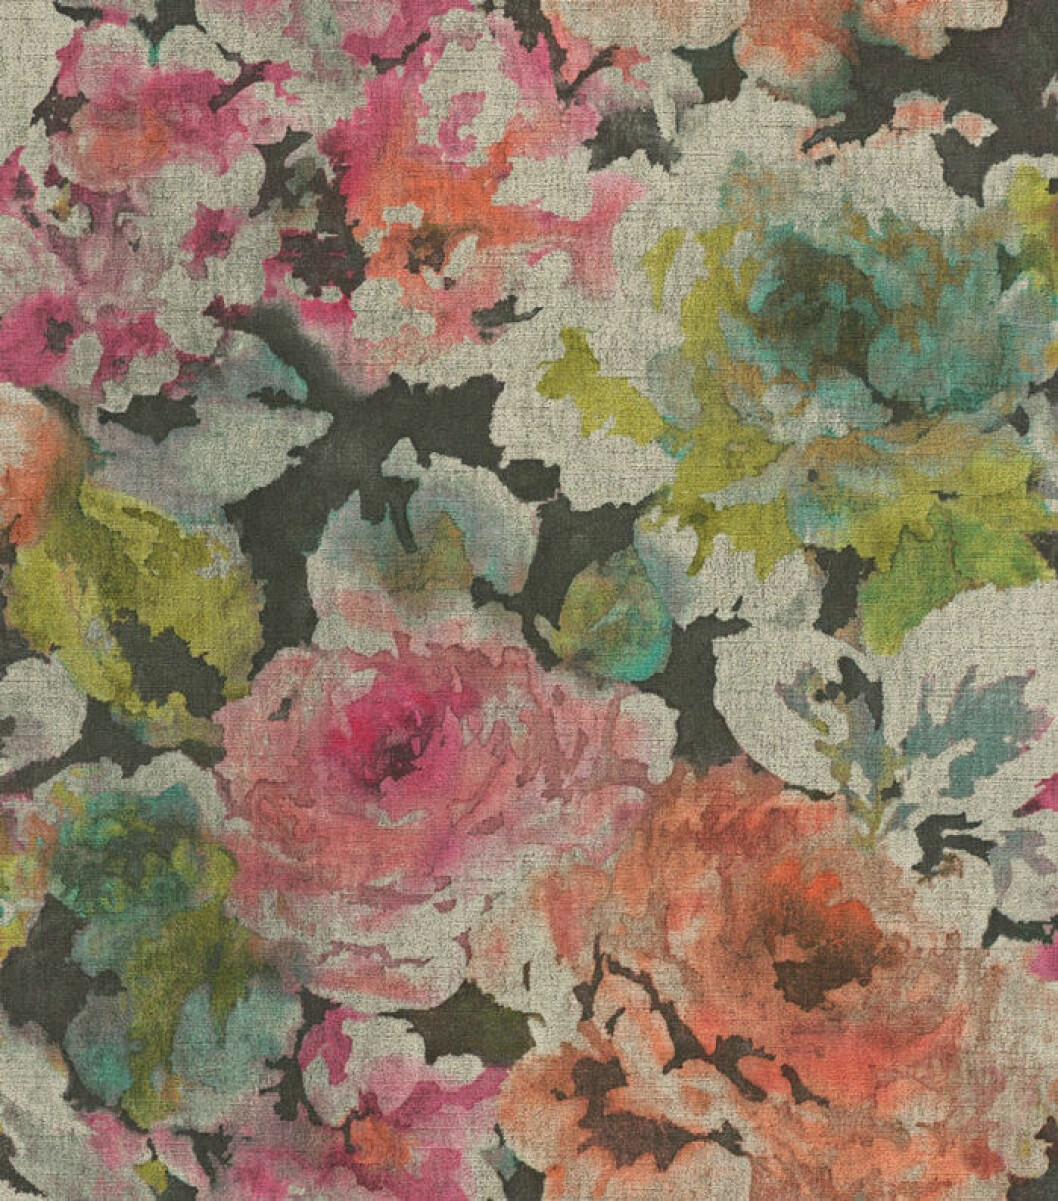 Blommig tapet ur Midbecs kollektion Florens